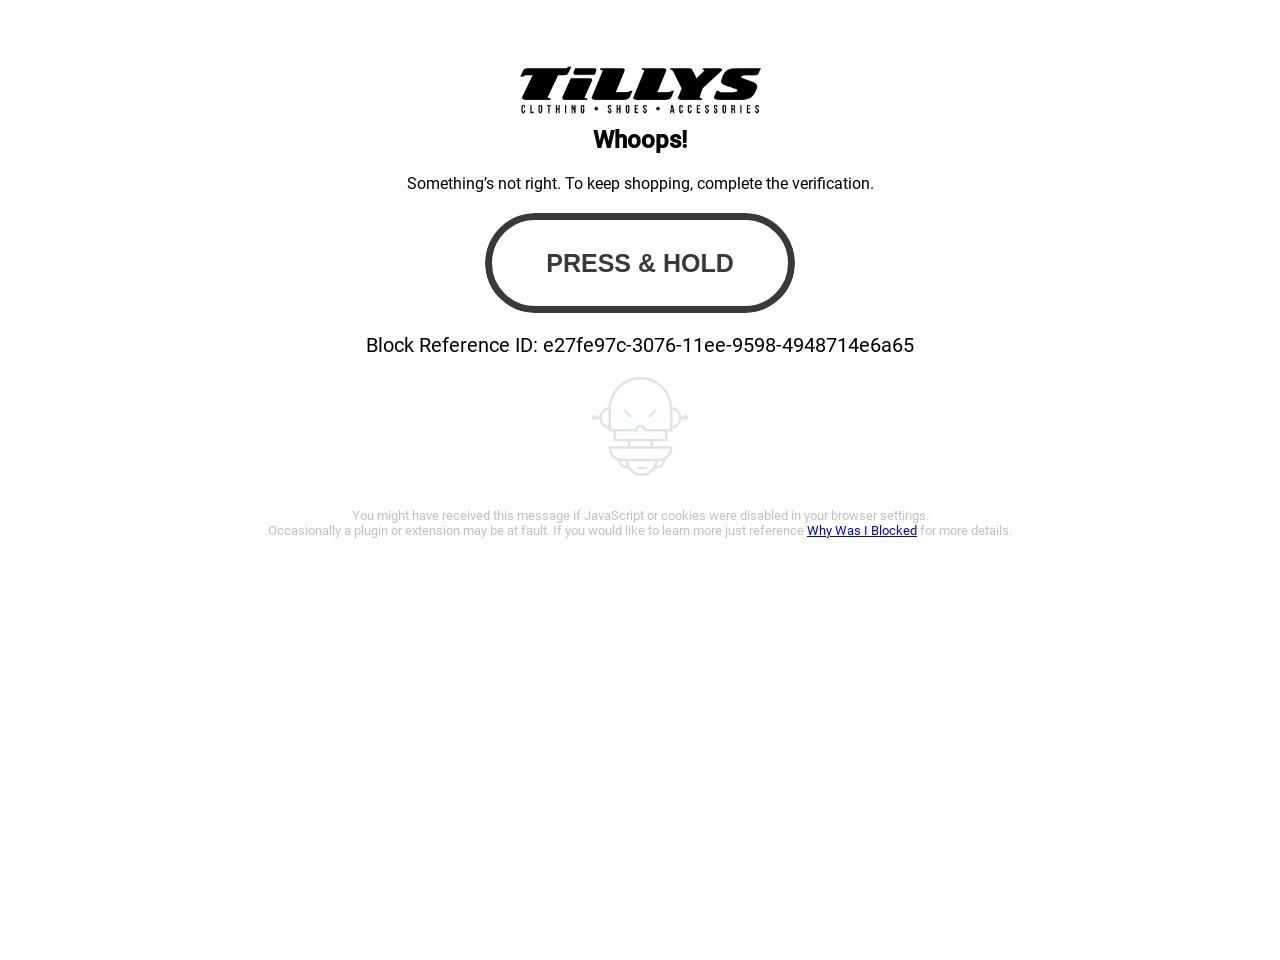 http://www.tillys.com/tillys/contest.aspx?id=560